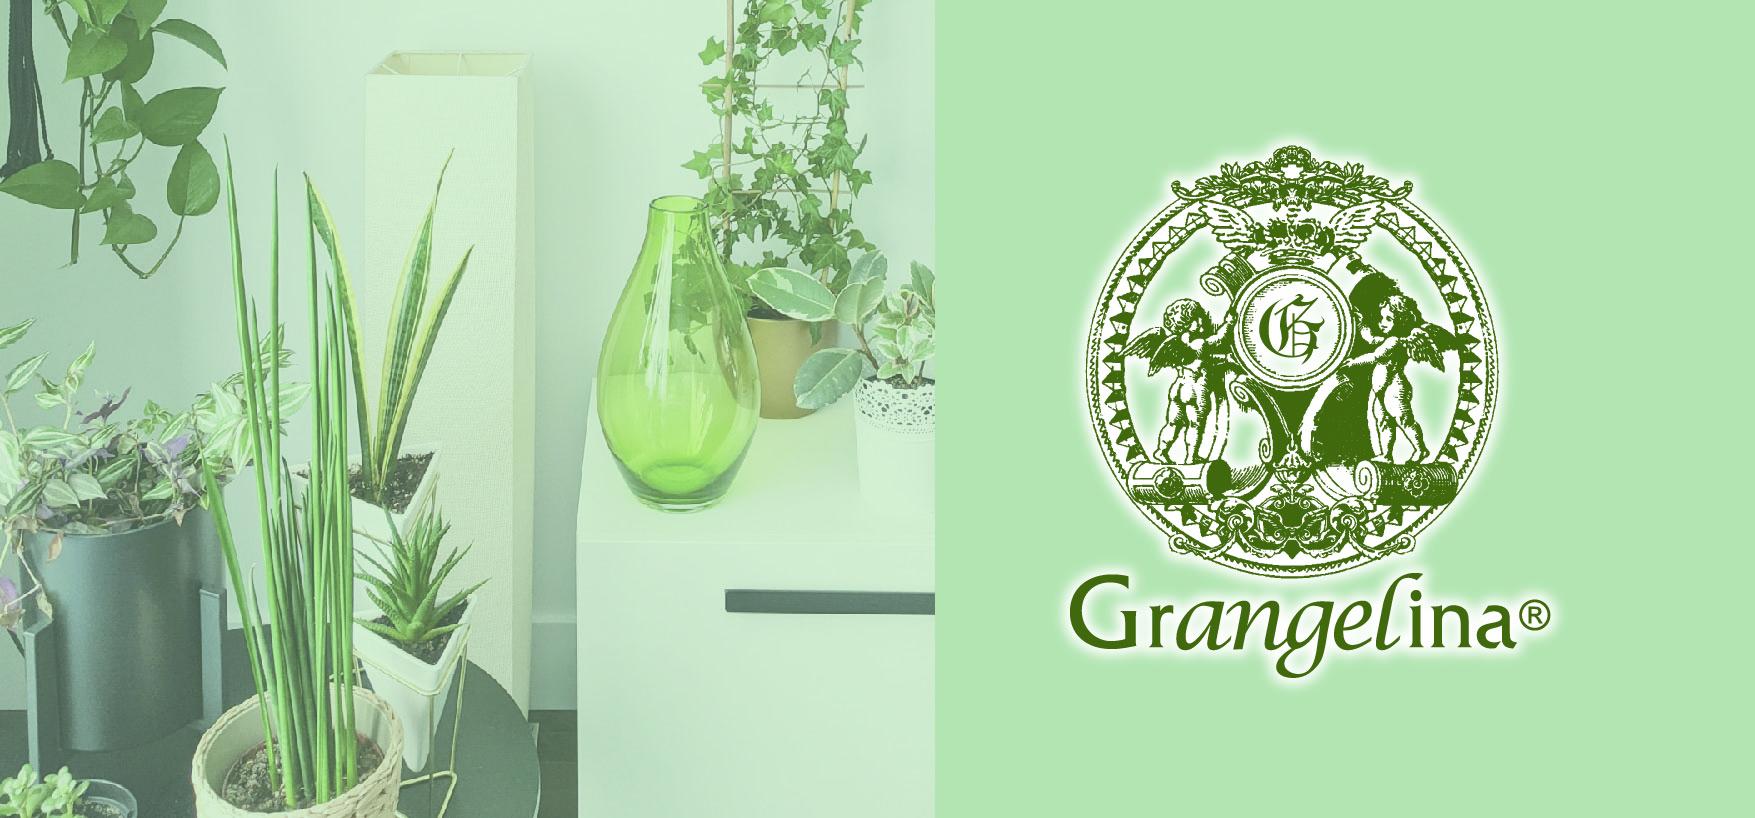 Grangelina